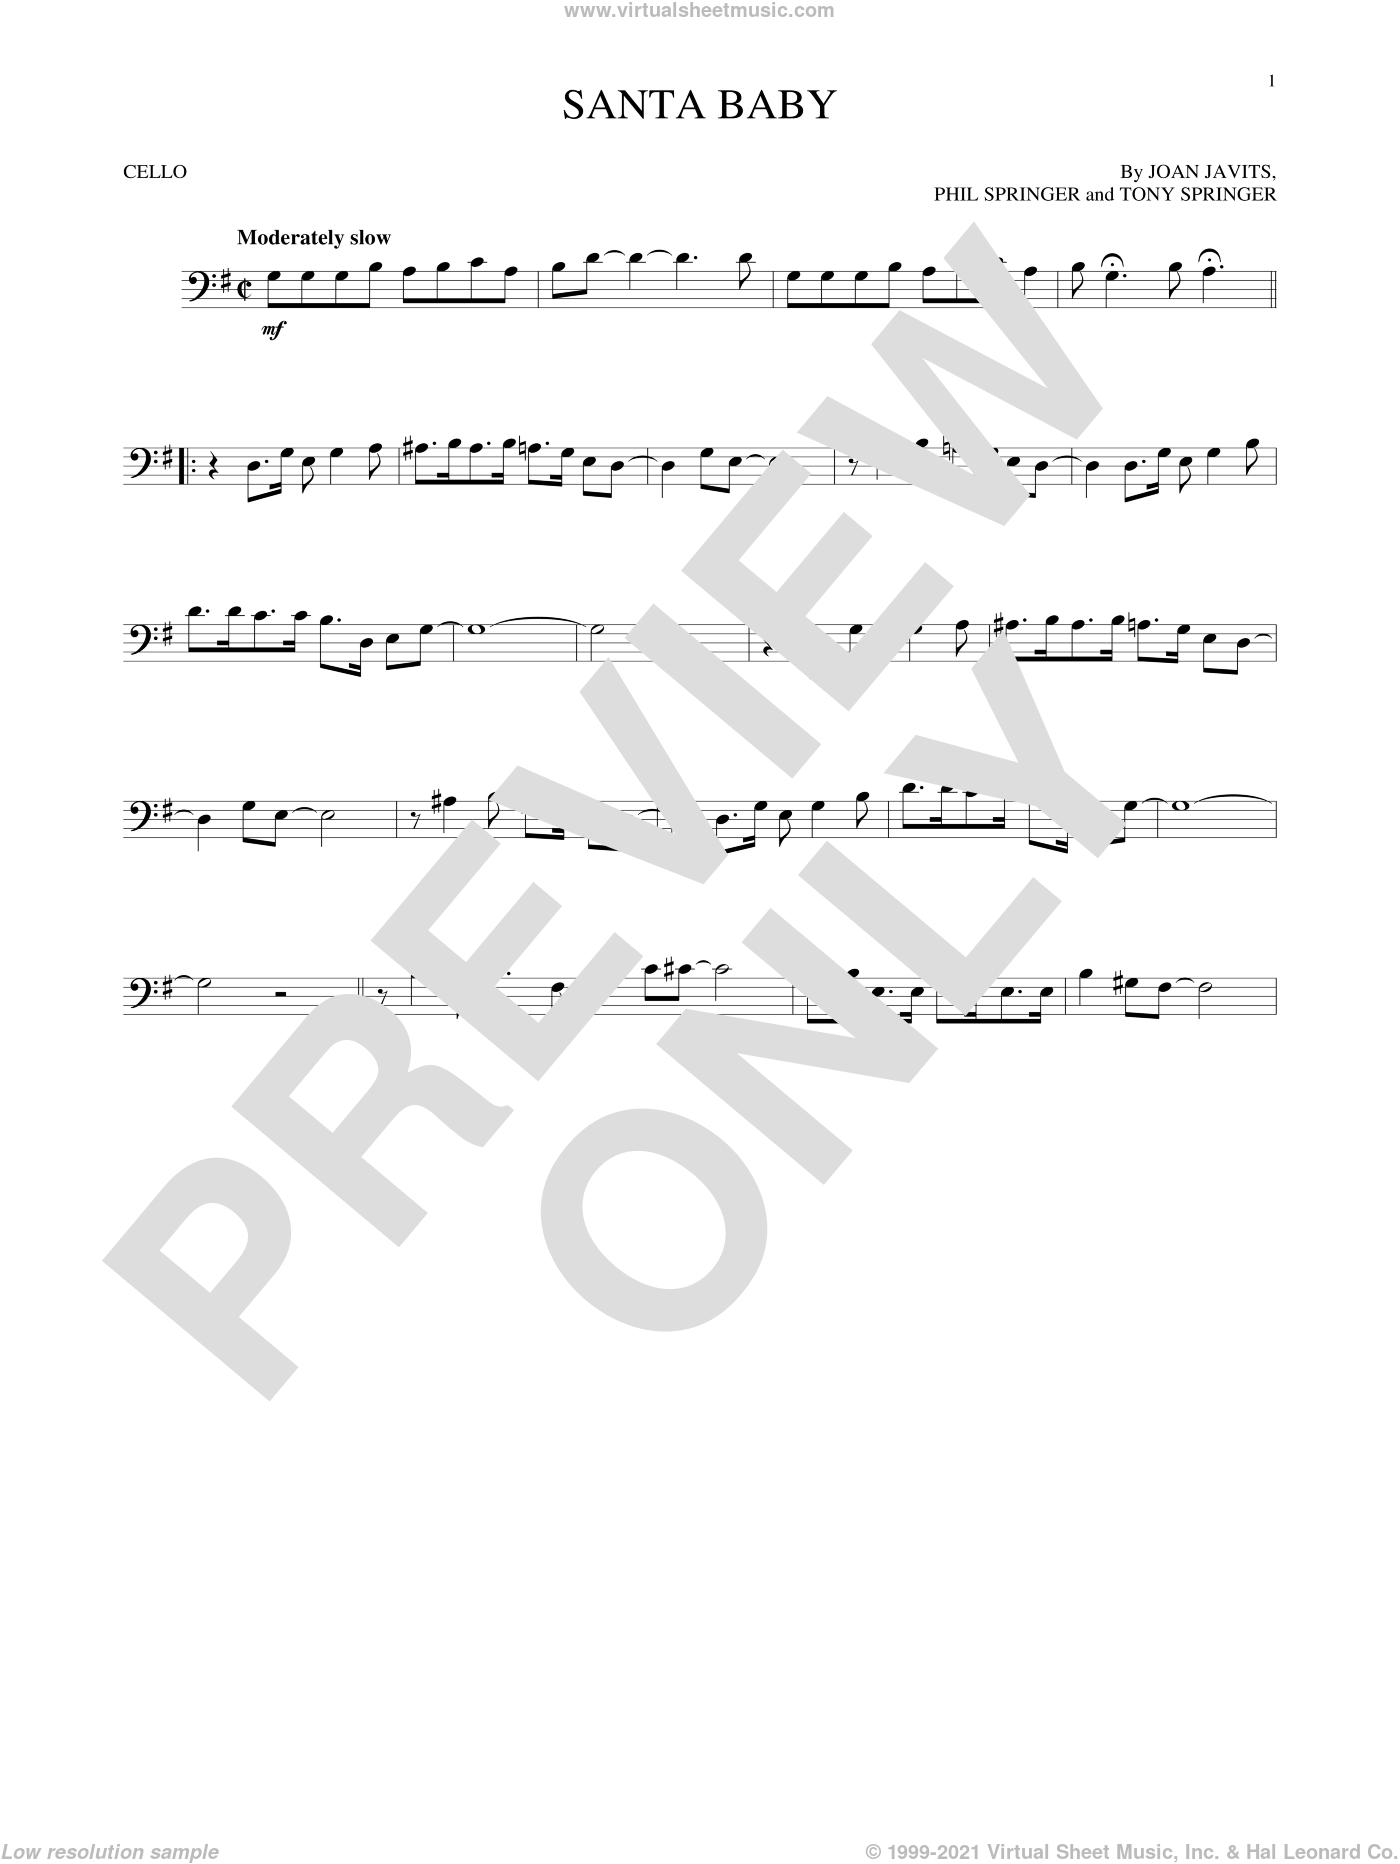 Santa Baby sheet music for cello solo by Eartha Kitt, Kellie Pickler, Taylor Swift, Joan Javits, Phil Springer and Tony Springer, intermediate skill level